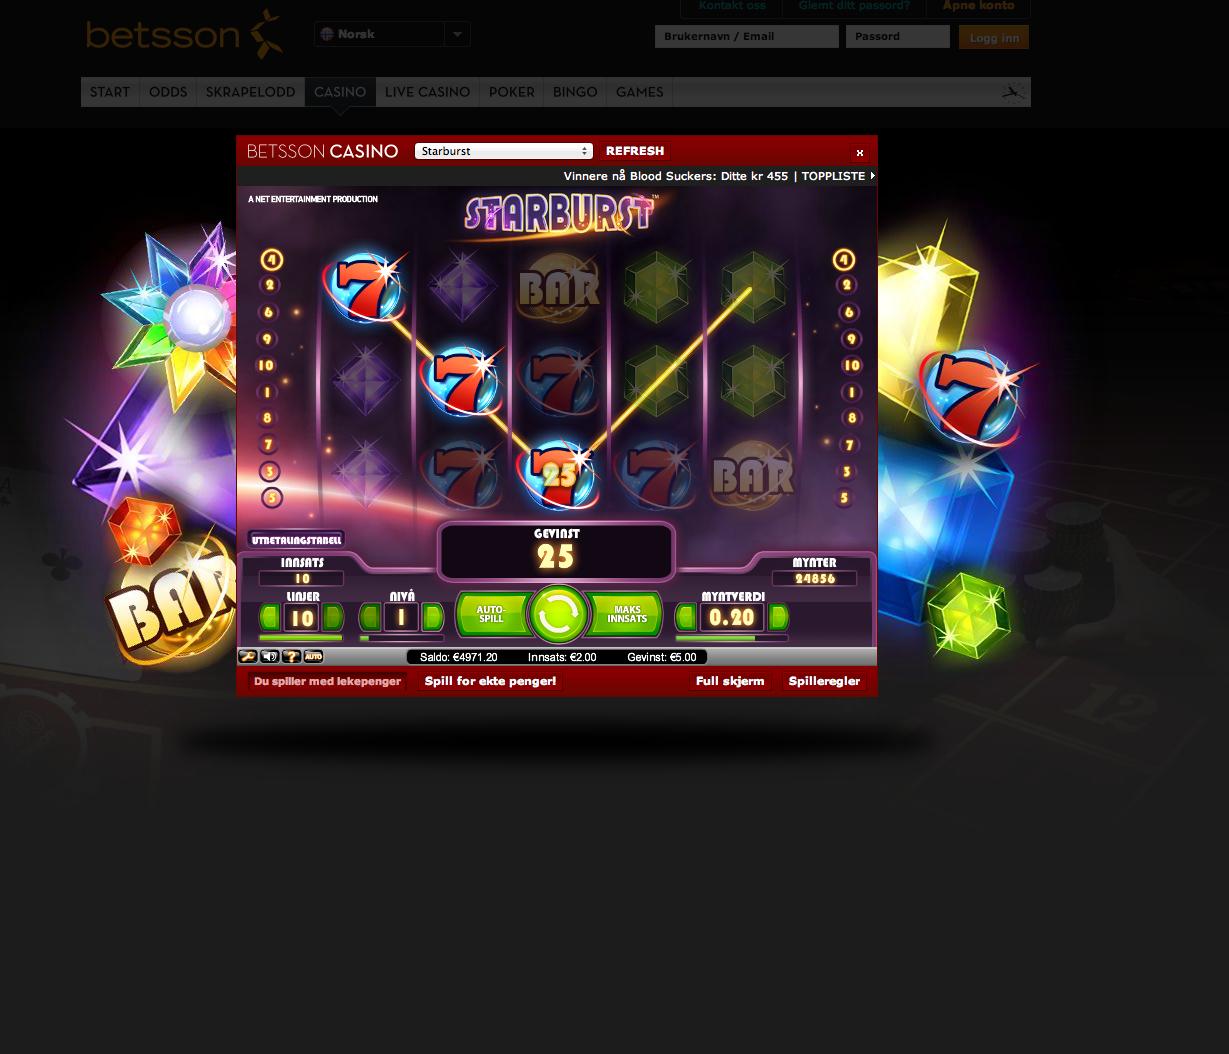 Www.Betsson.Com Casino